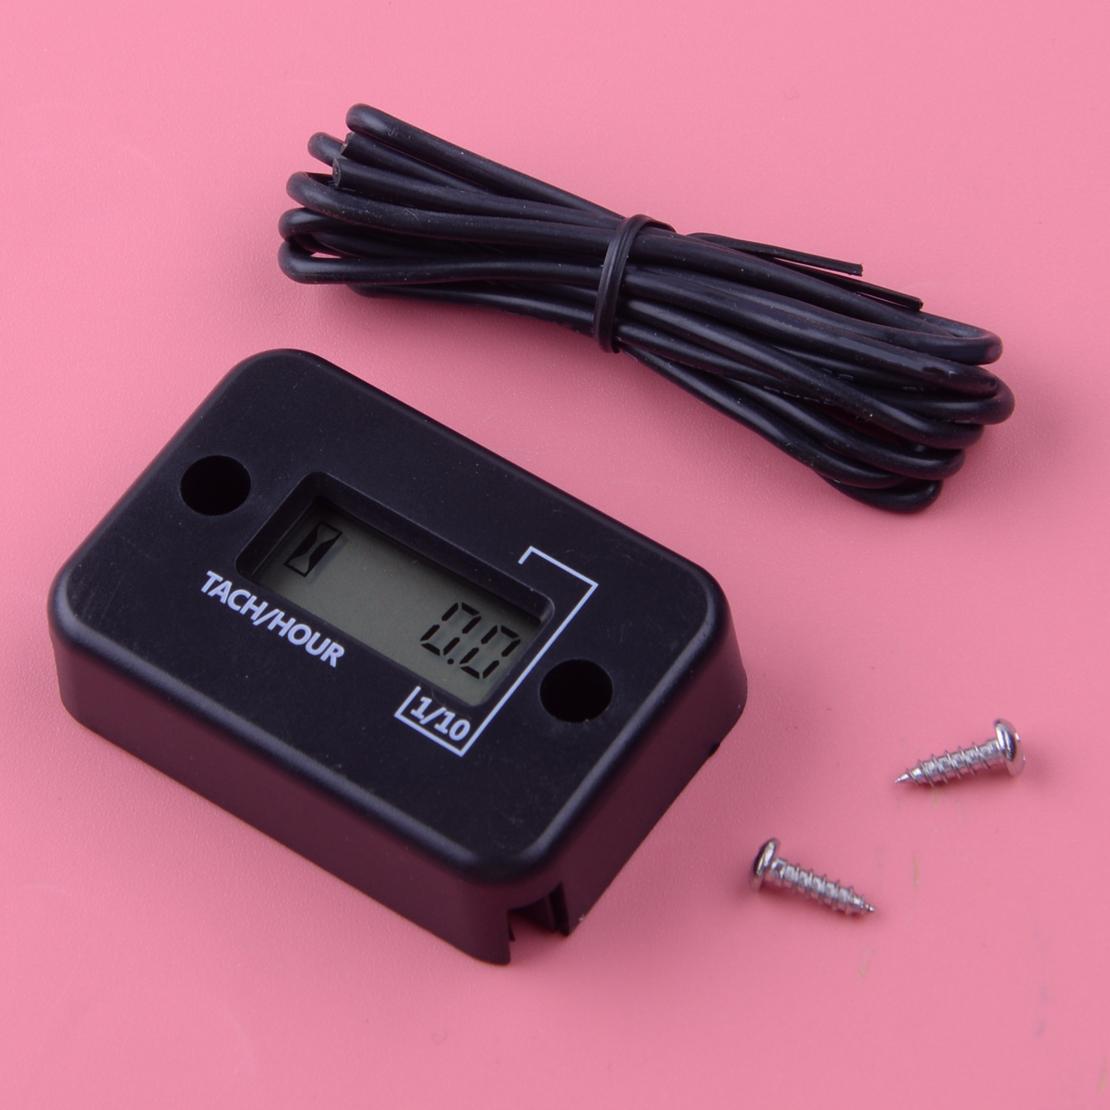 Waterproof Digital Tachometer Tach Hour Meter Gauge LCD for 4 Stroke Gas Engine